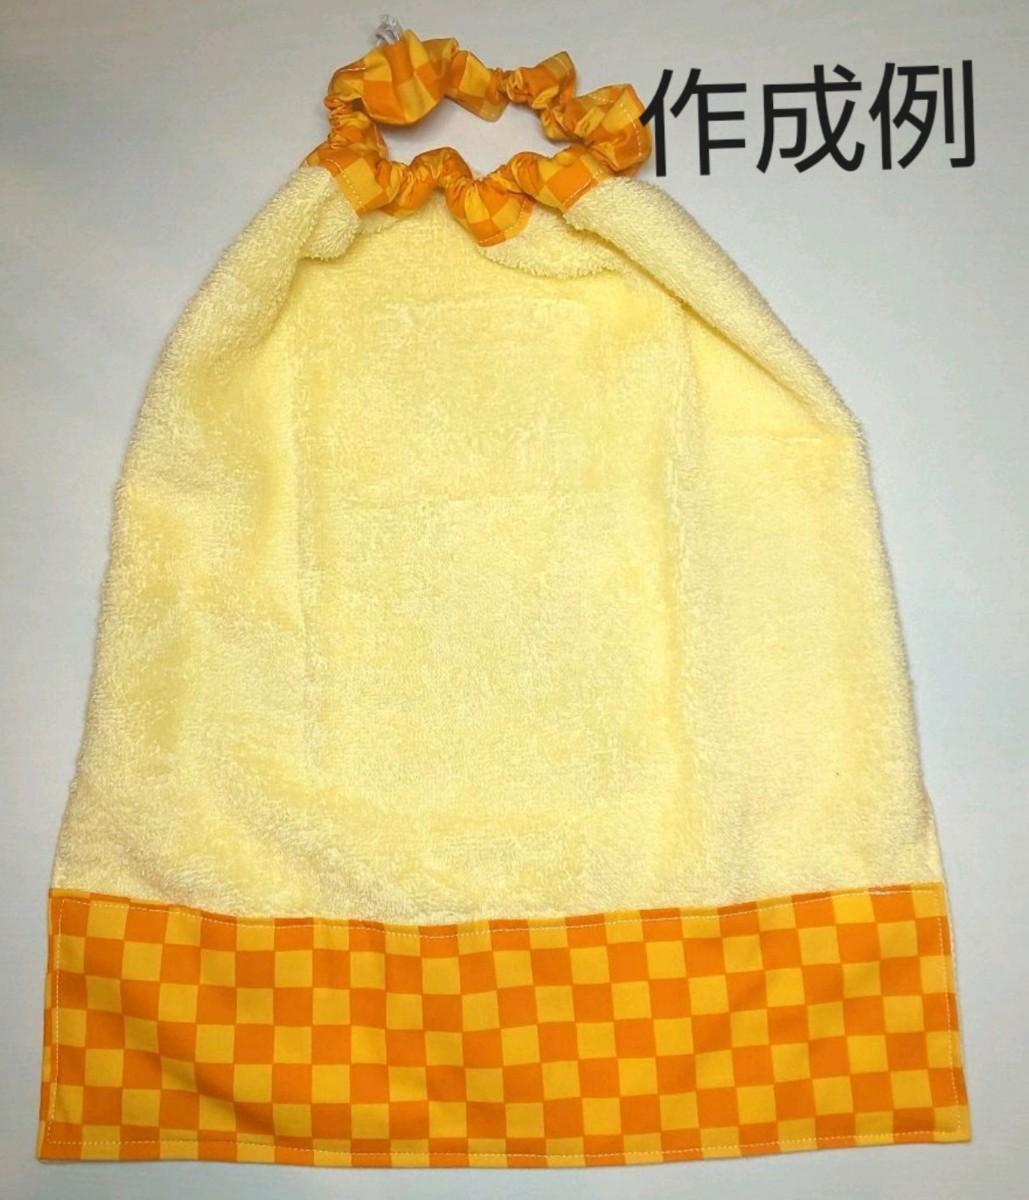 鬼滅の刃 生地 はぎれ ハギレ ぜんいつ  和柄 鱗模様 オレンジ市松模様 黄色市松模様  柄小さめ 小さい柄